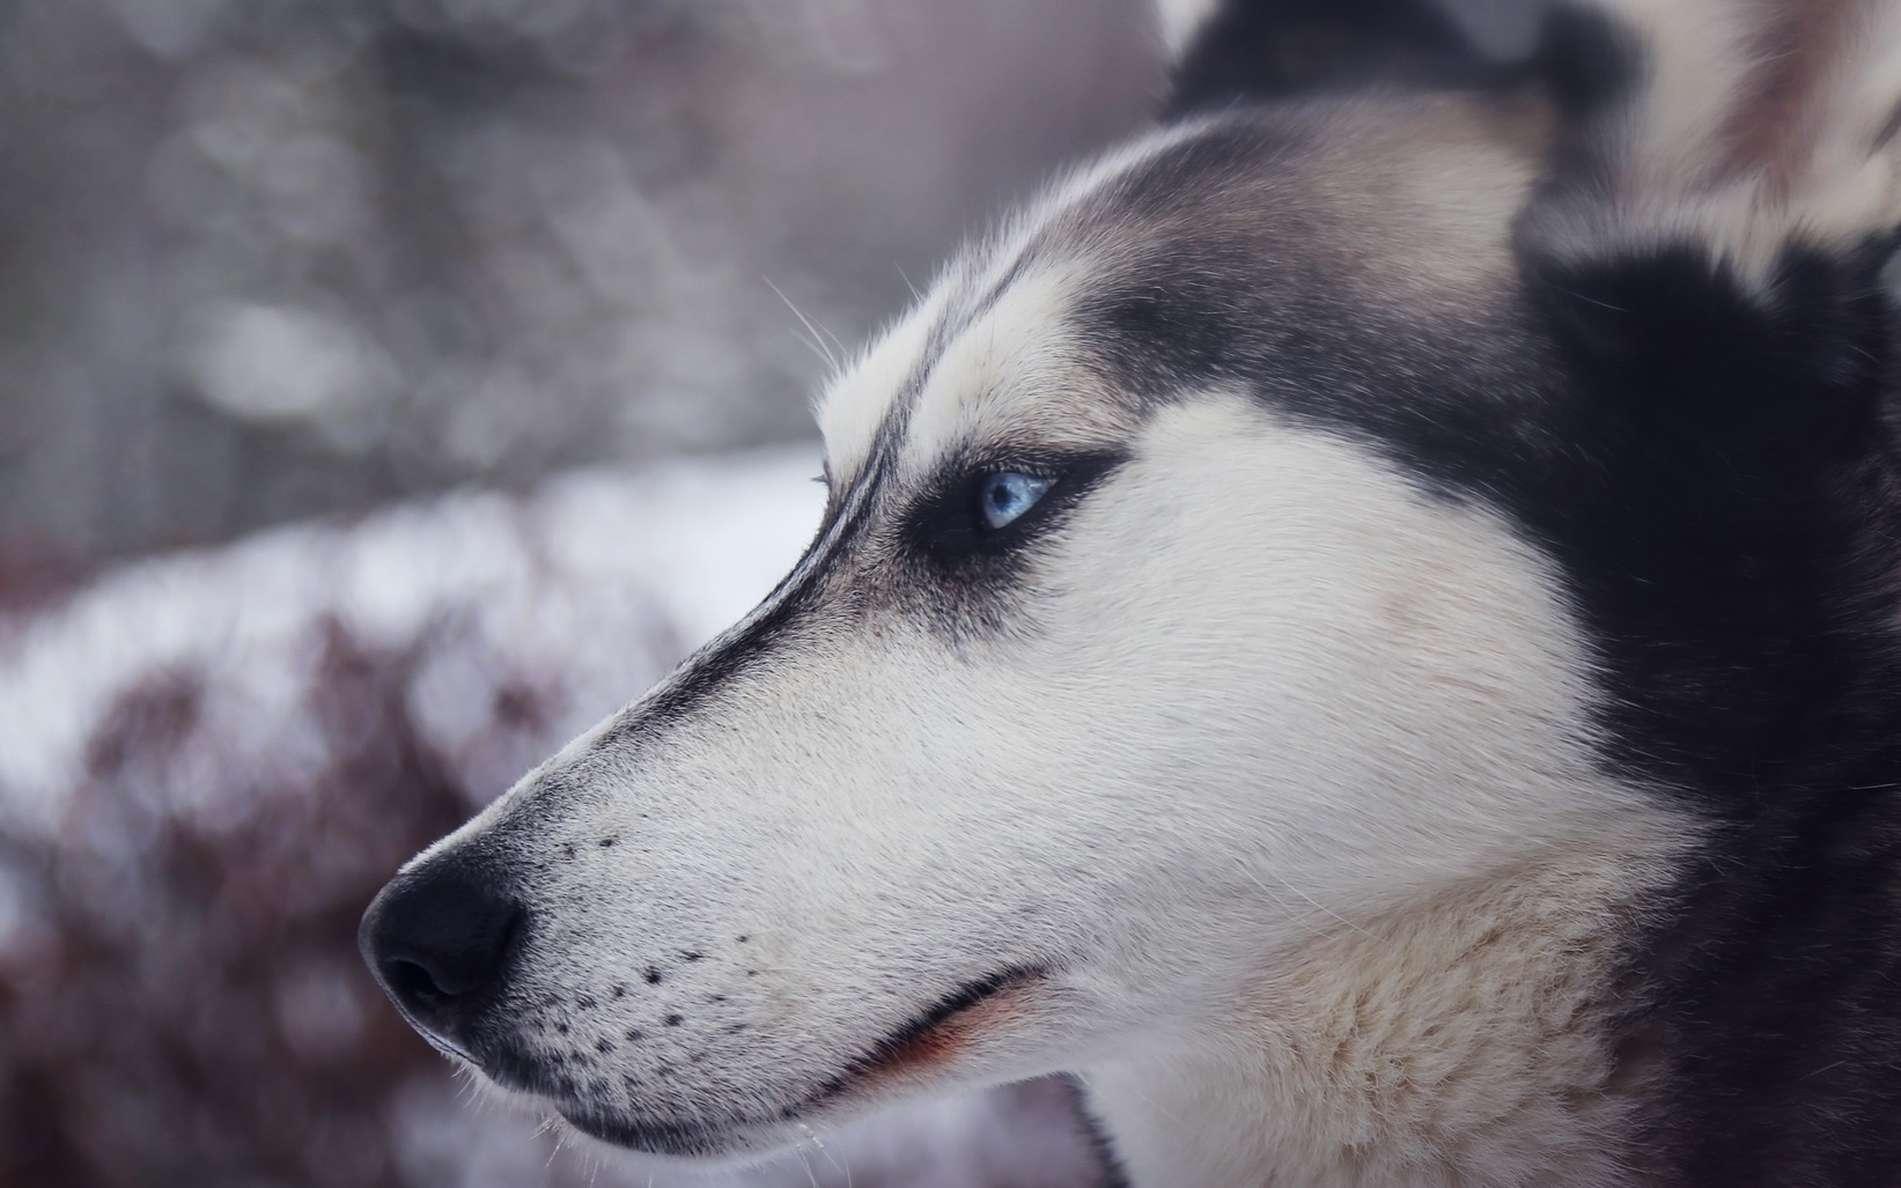 Le husky peut avoir les yeux bleus. © Pexels, Pixabay